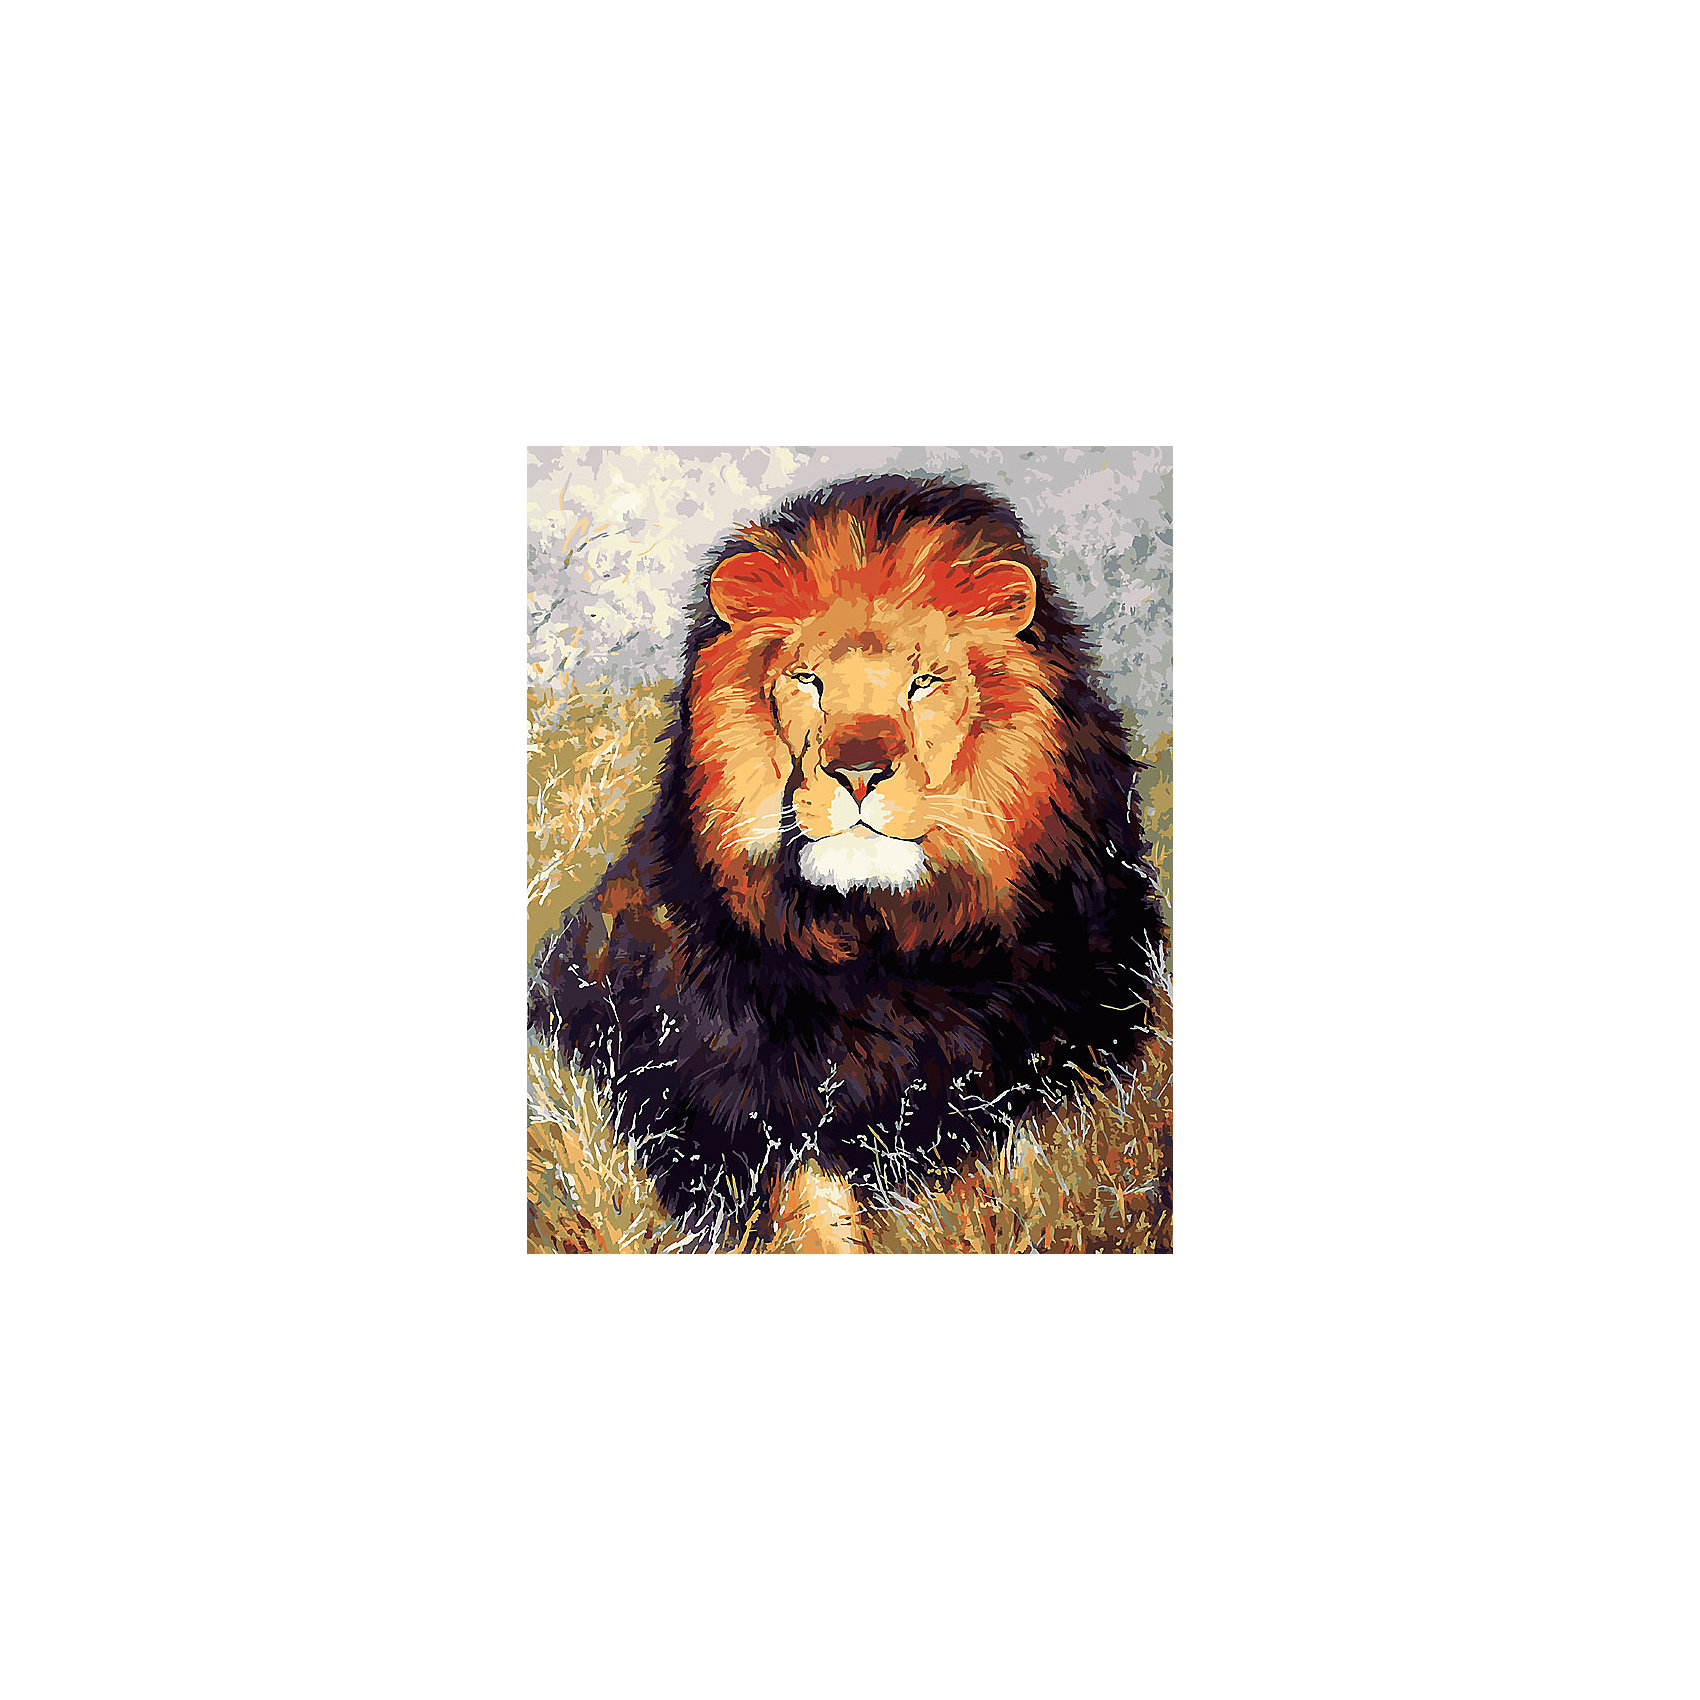 Живопись на холсте 40*50 см Царь зверейРисование<br>Характеристики товара:<br><br>• цвет: разноцветный<br>• материал: акрил, картон<br>• размер: 50 x 40 см<br>• комплектация: полотно на подрамнике с контурами рисунка, пробный лист с рисунком, набор акриловых красок, три кисти, крепление на стену для картины<br>• для детей от шести лет и взрослых<br>• не требует специальных навыков<br>• страна бренда: Китай<br>• страна изготовитель: Китай<br><br>Такой набор станет отличным подарком и для взрослого, и для ребенка! Рисование помогает развить различные навыки и просто приносит удовольствие! Чтобы вселить в ребенка уверенность в своих силах, можно предложить ему этот набор - в нем уже есть сюжет, контуры рисунка и участки с номерами, которые обозначают определенную краску из набора. Все оттенки уже готовы, задача художника - аккуратно, с помощью кисточек из набора, нанести краски на определенный участок полотна.<br>Взрослым также понравится этот процесс, рисовать можно и вместе с малышом! В итоге получается красивая картина, которой можно украсить интерьер. Рисование способствует развитию мелкой моторики, воображения, цветовосприятия, творческих способностей и усидчивости. Набор отлично проработан, сделан из качественных и проверенных материалов, которые безопасны для детей. Краски - акриловые, они быстро сохнут и легко смываются с кожи.<br><br>Живопись на холсте 40*50 см Царь зверей от торговой марки Белоснежка можно купить в нашем интернет-магазине.<br><br>Ширина мм: 510<br>Глубина мм: 410<br>Высота мм: 25<br>Вес г: 850<br>Возраст от месяцев: 72<br>Возраст до месяцев: 144<br>Пол: Унисекс<br>Возраст: Детский<br>SKU: 5089730